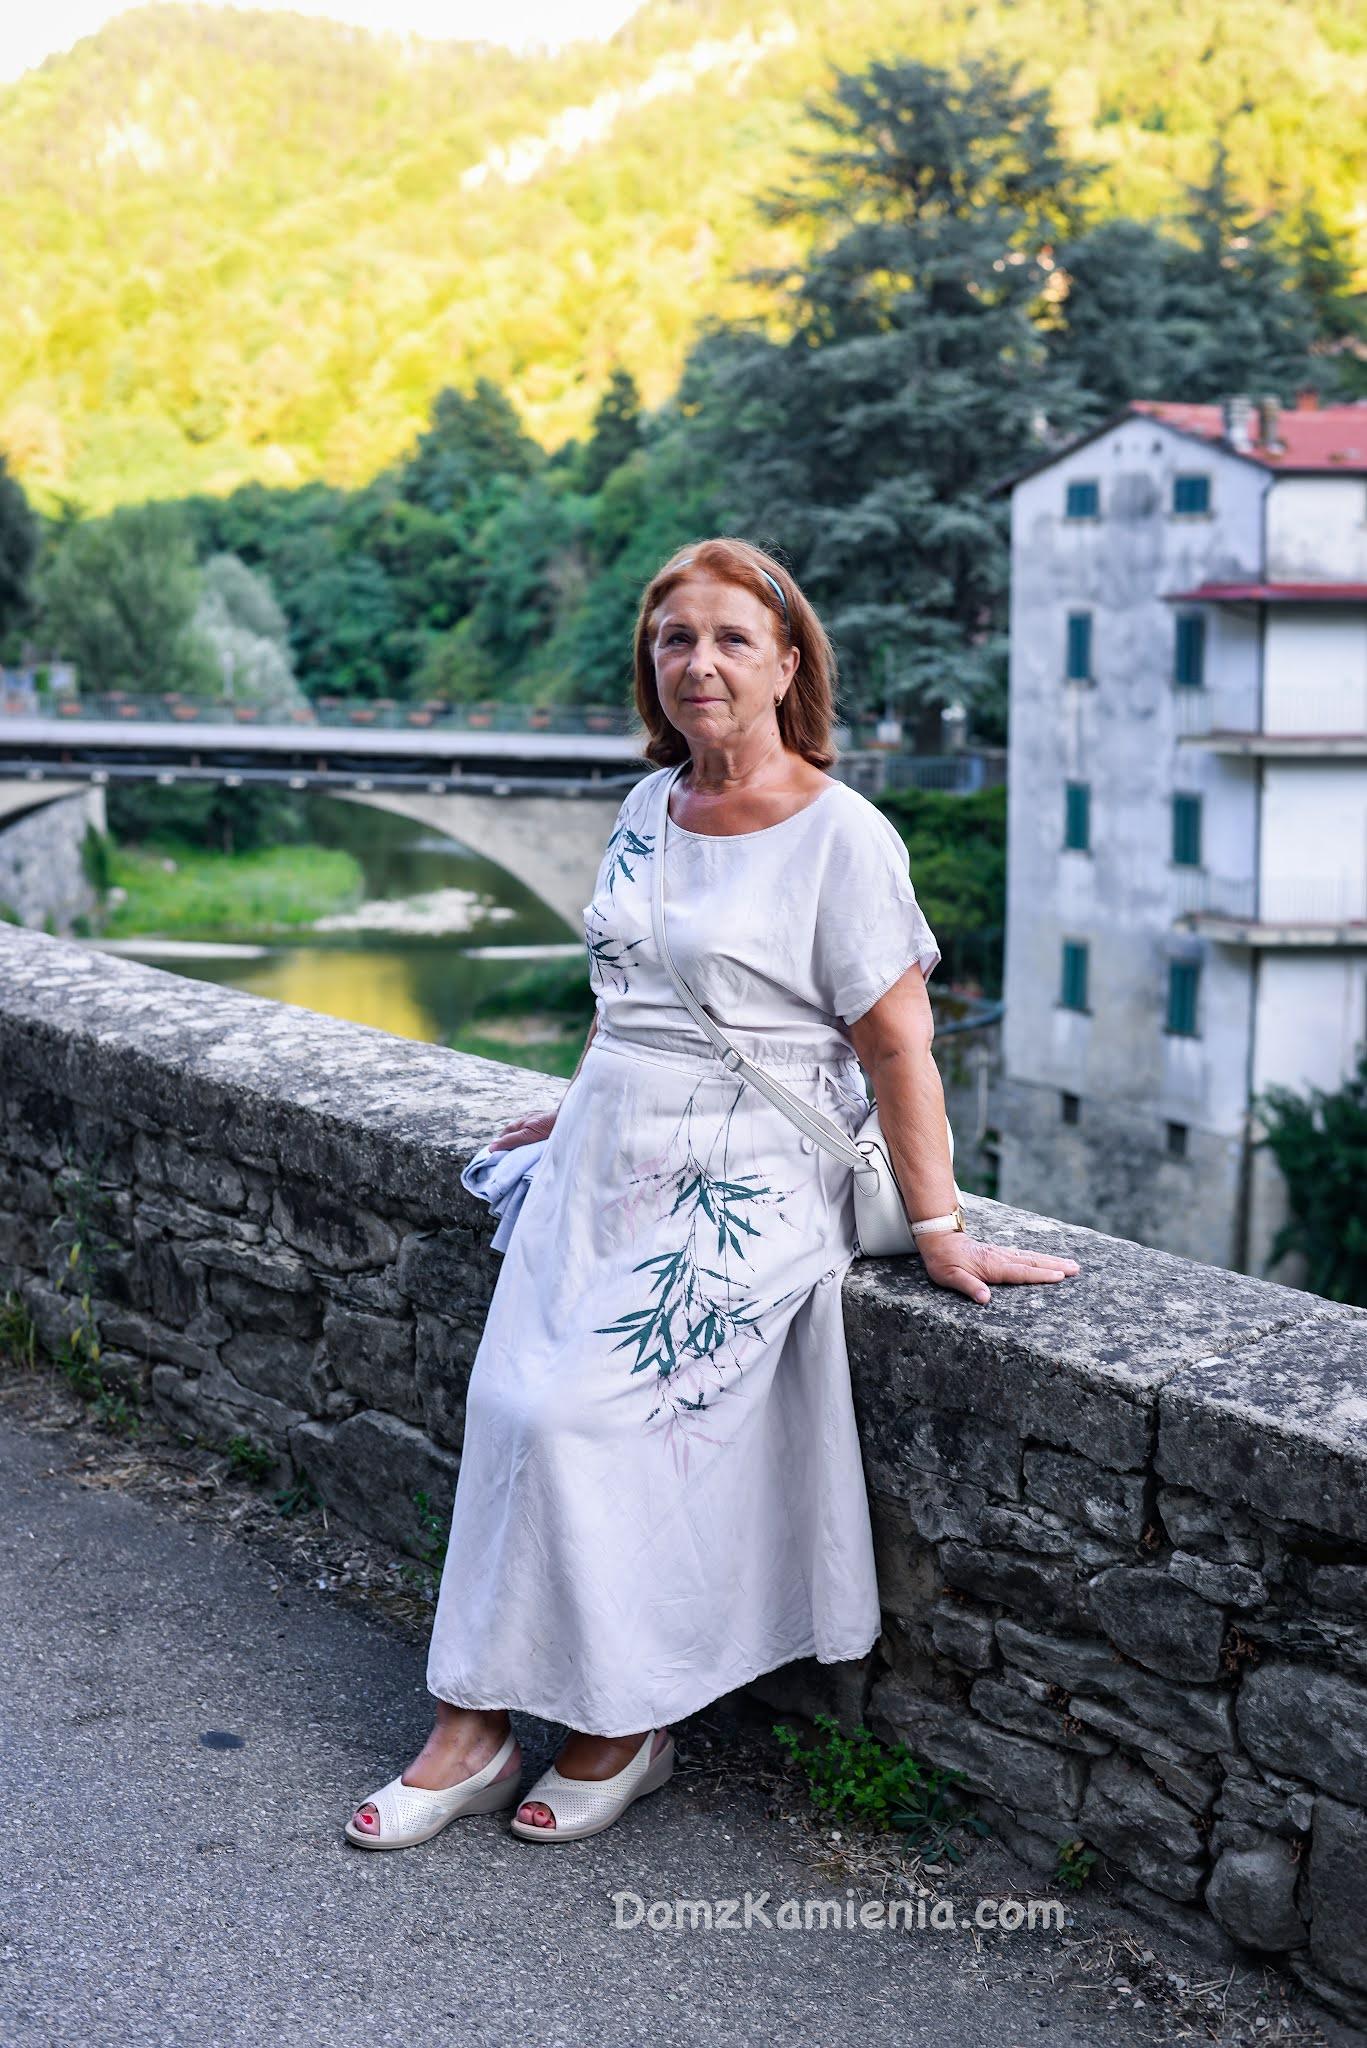 Dom z Kamienia - blog, Katarzyna Nowacka